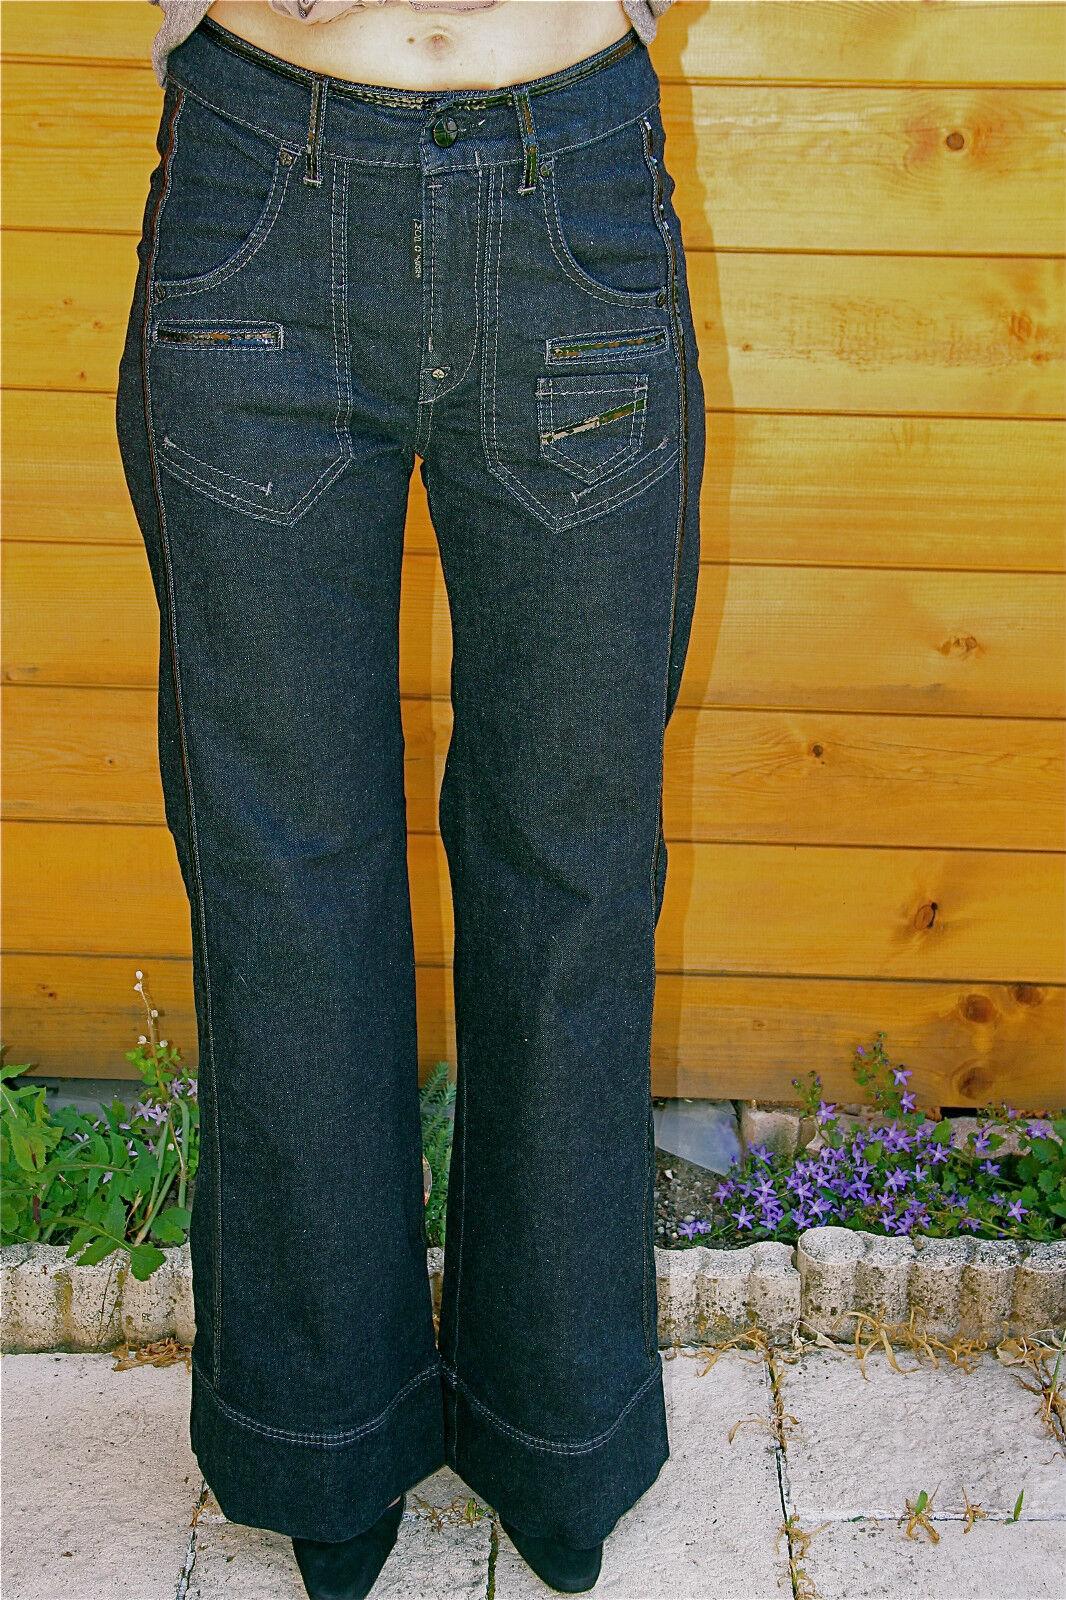 Jeans cotone e vinile elasticizzato bagliore MC PLANET taglia 40 ETICHETTA val